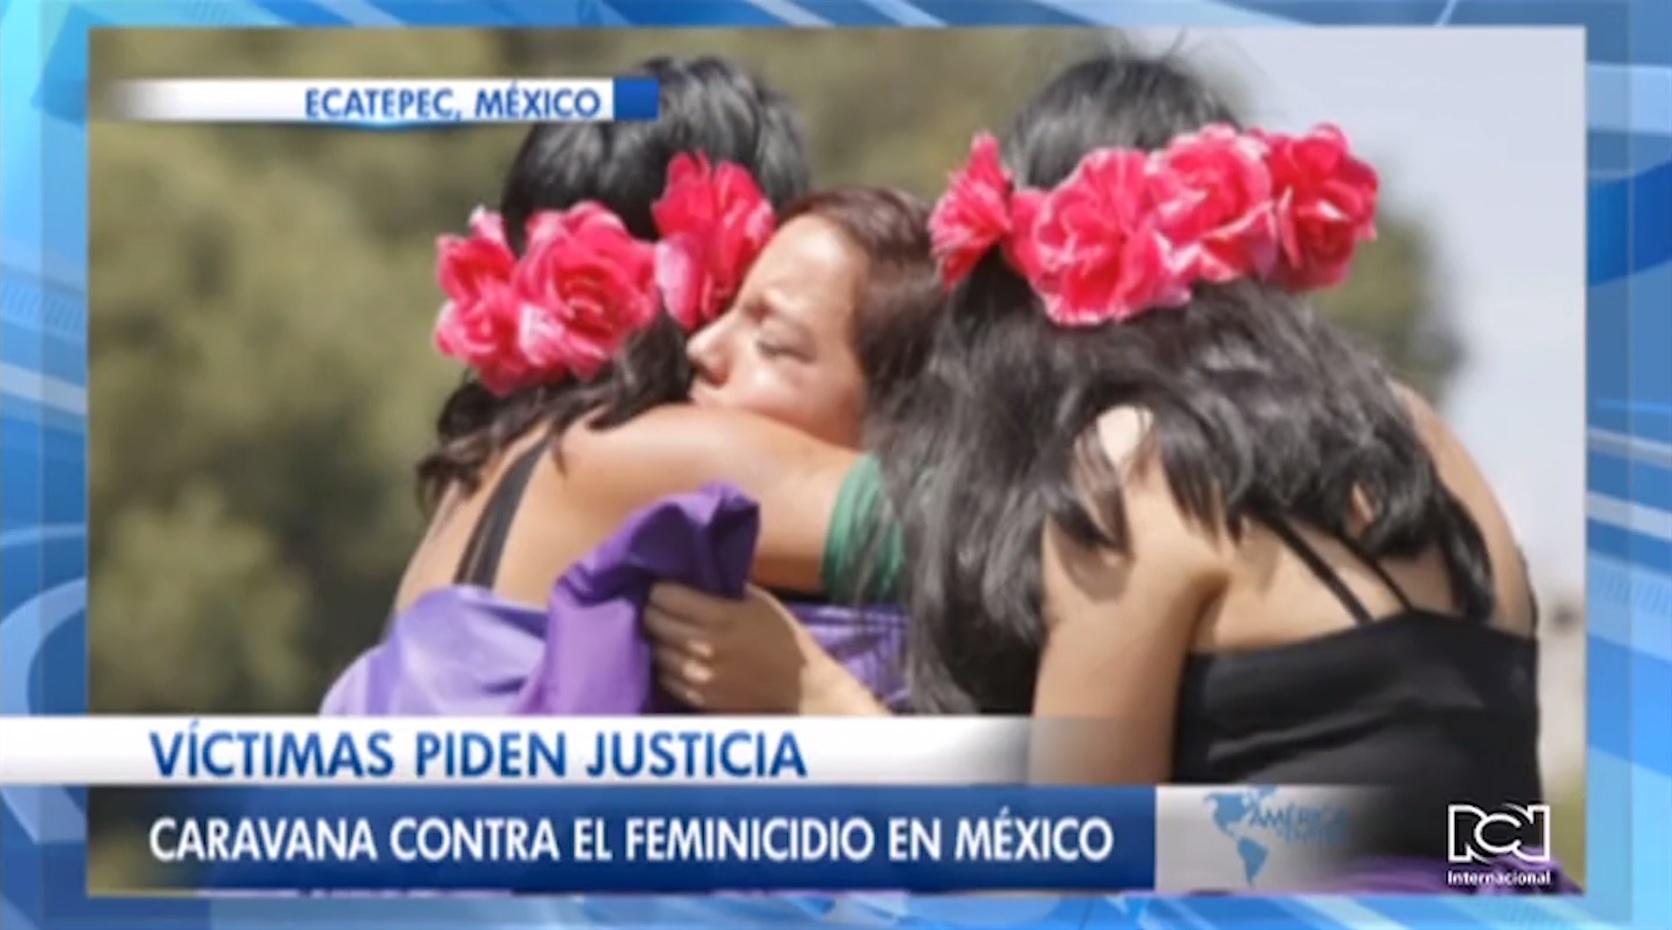 Cientos de mujeres marchan contra los repetitivos feminicidios en México